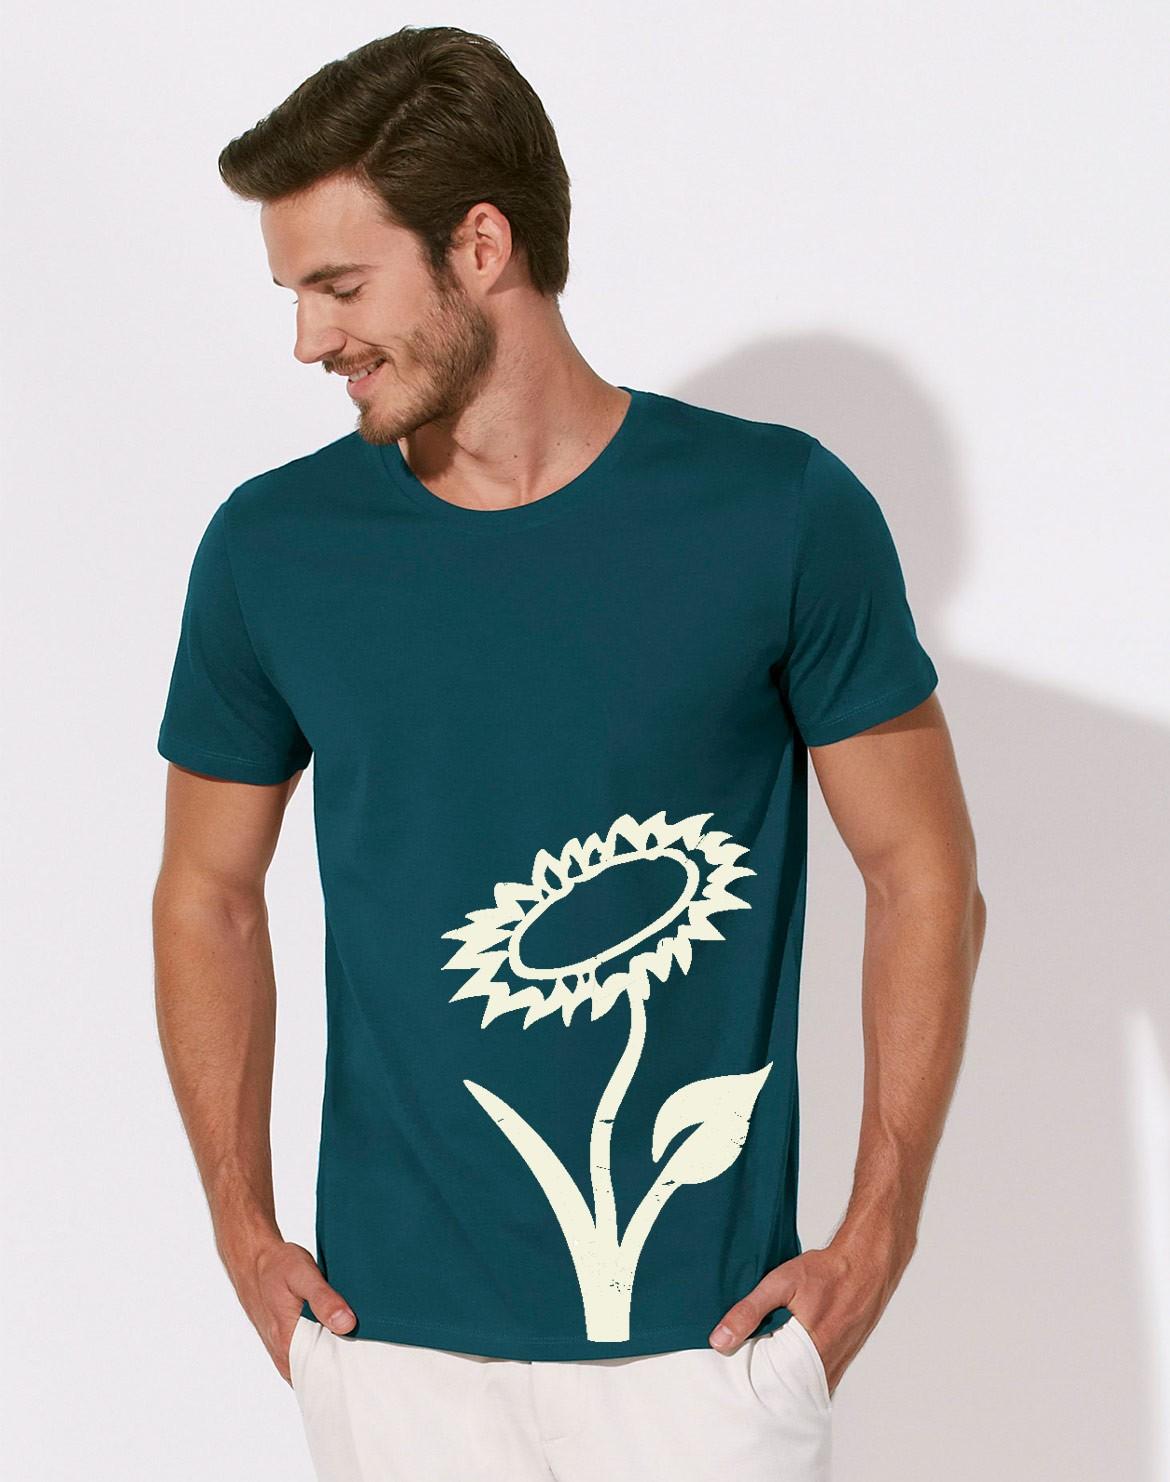 Vlower T-Shirt